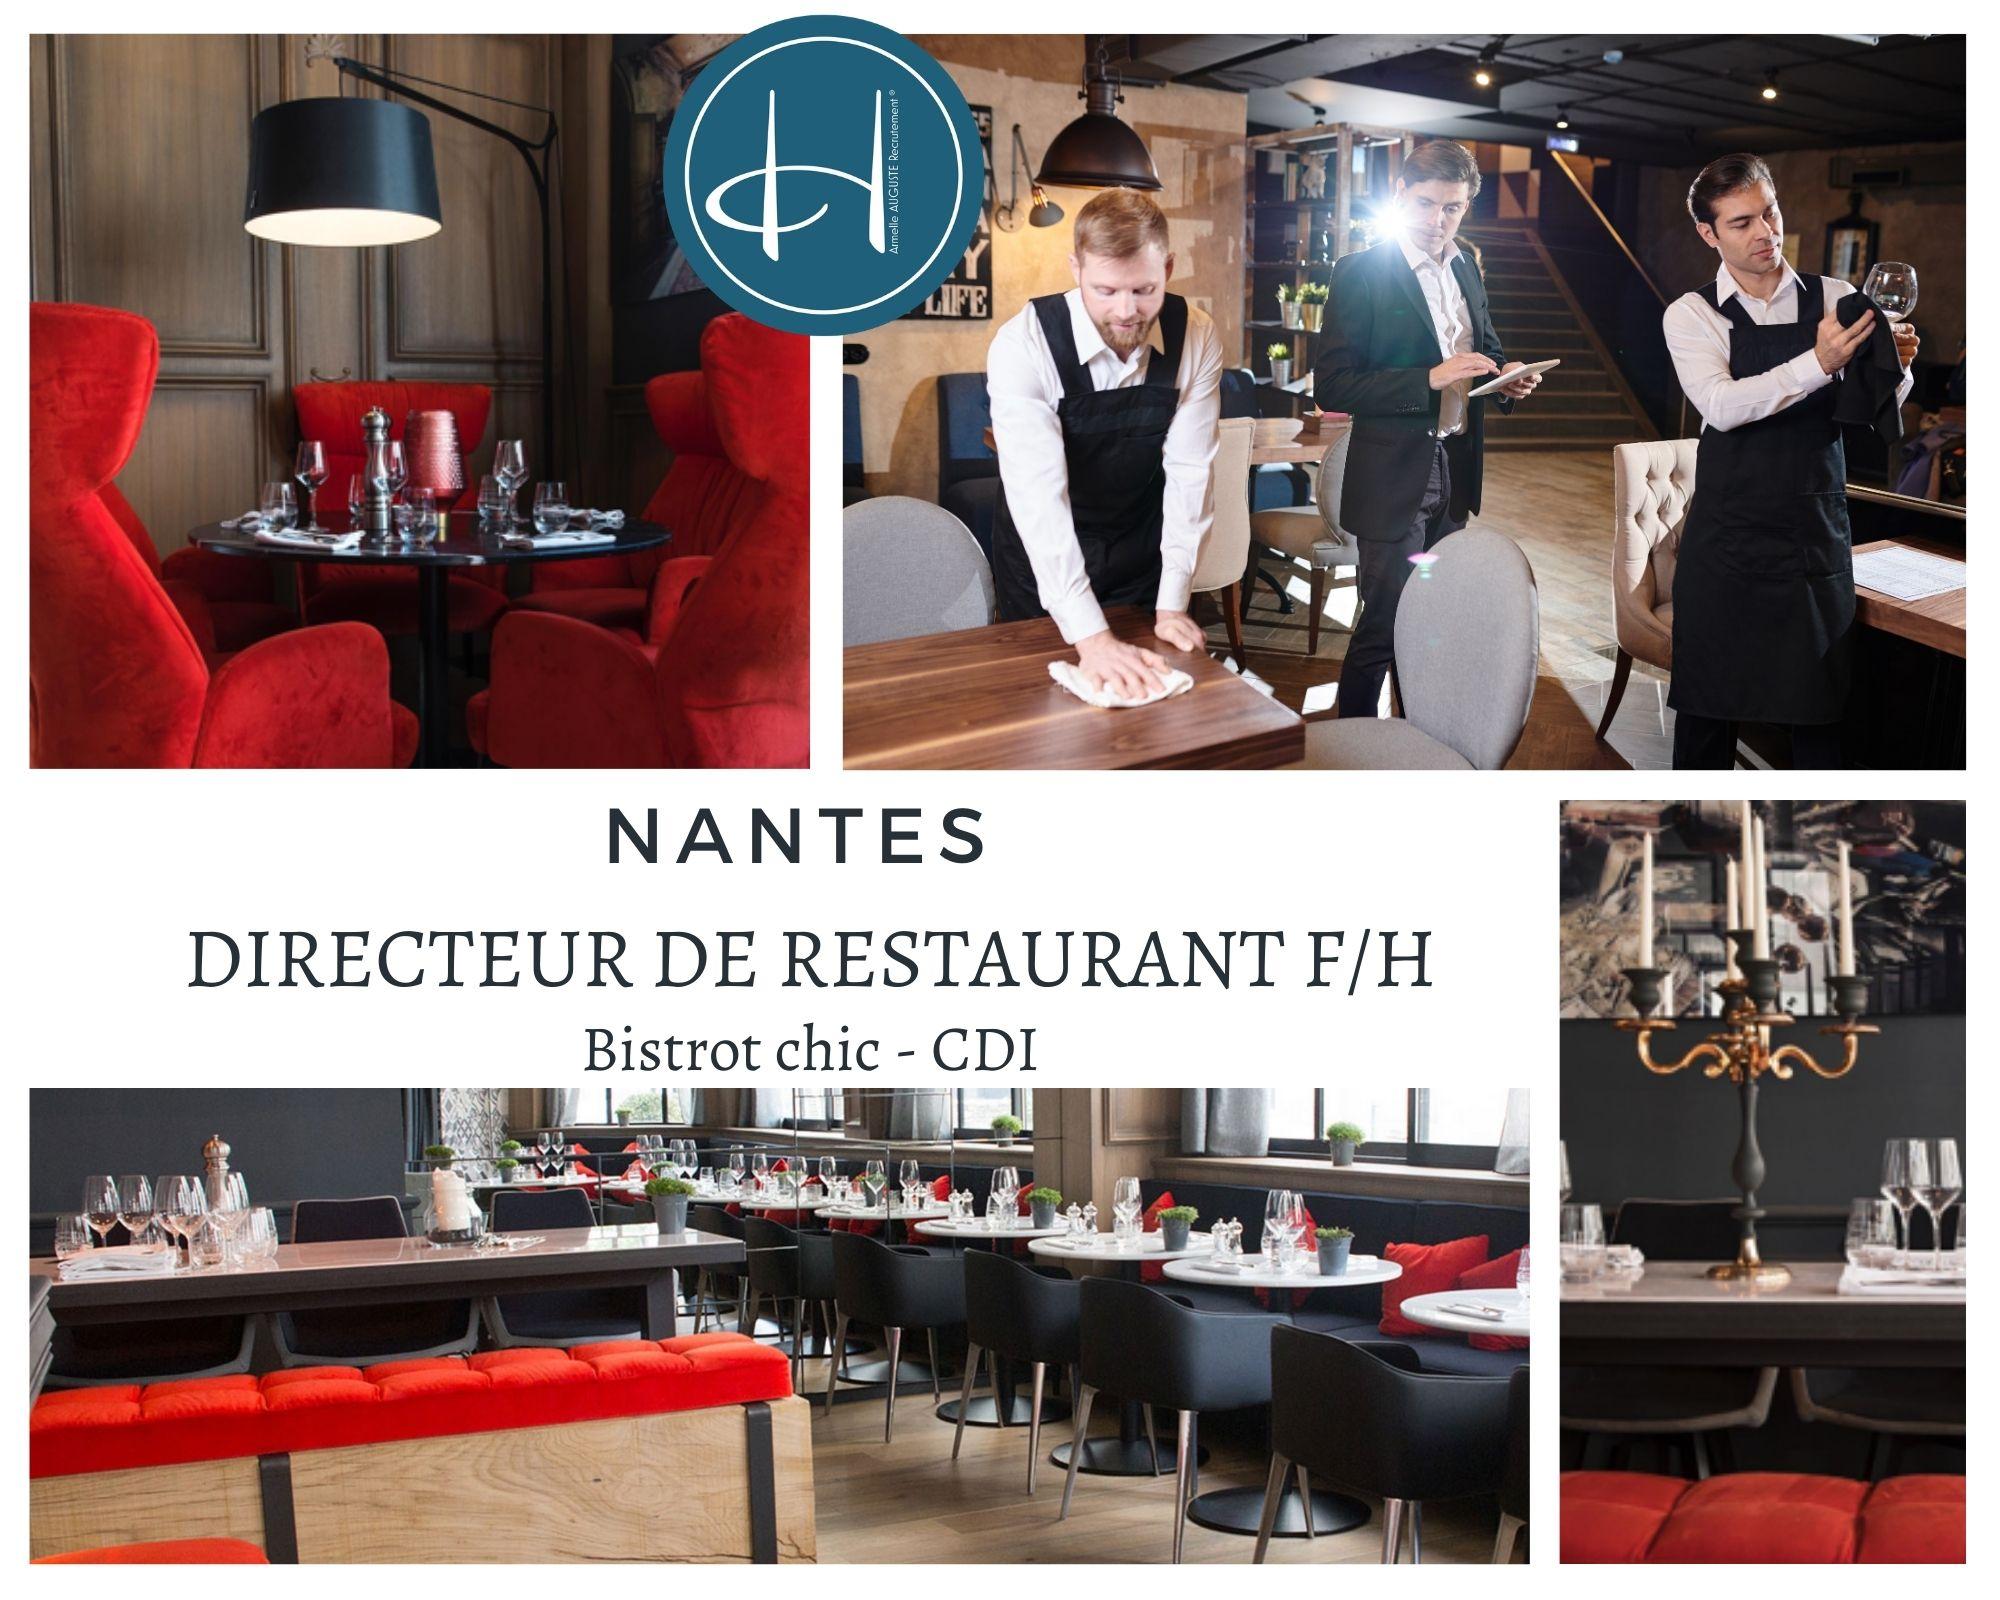 Recrutement: Directeur de restaurant, bistrot chic, Nantes F/H chez Armelle AUGUSTE Recrutement® à Nantes